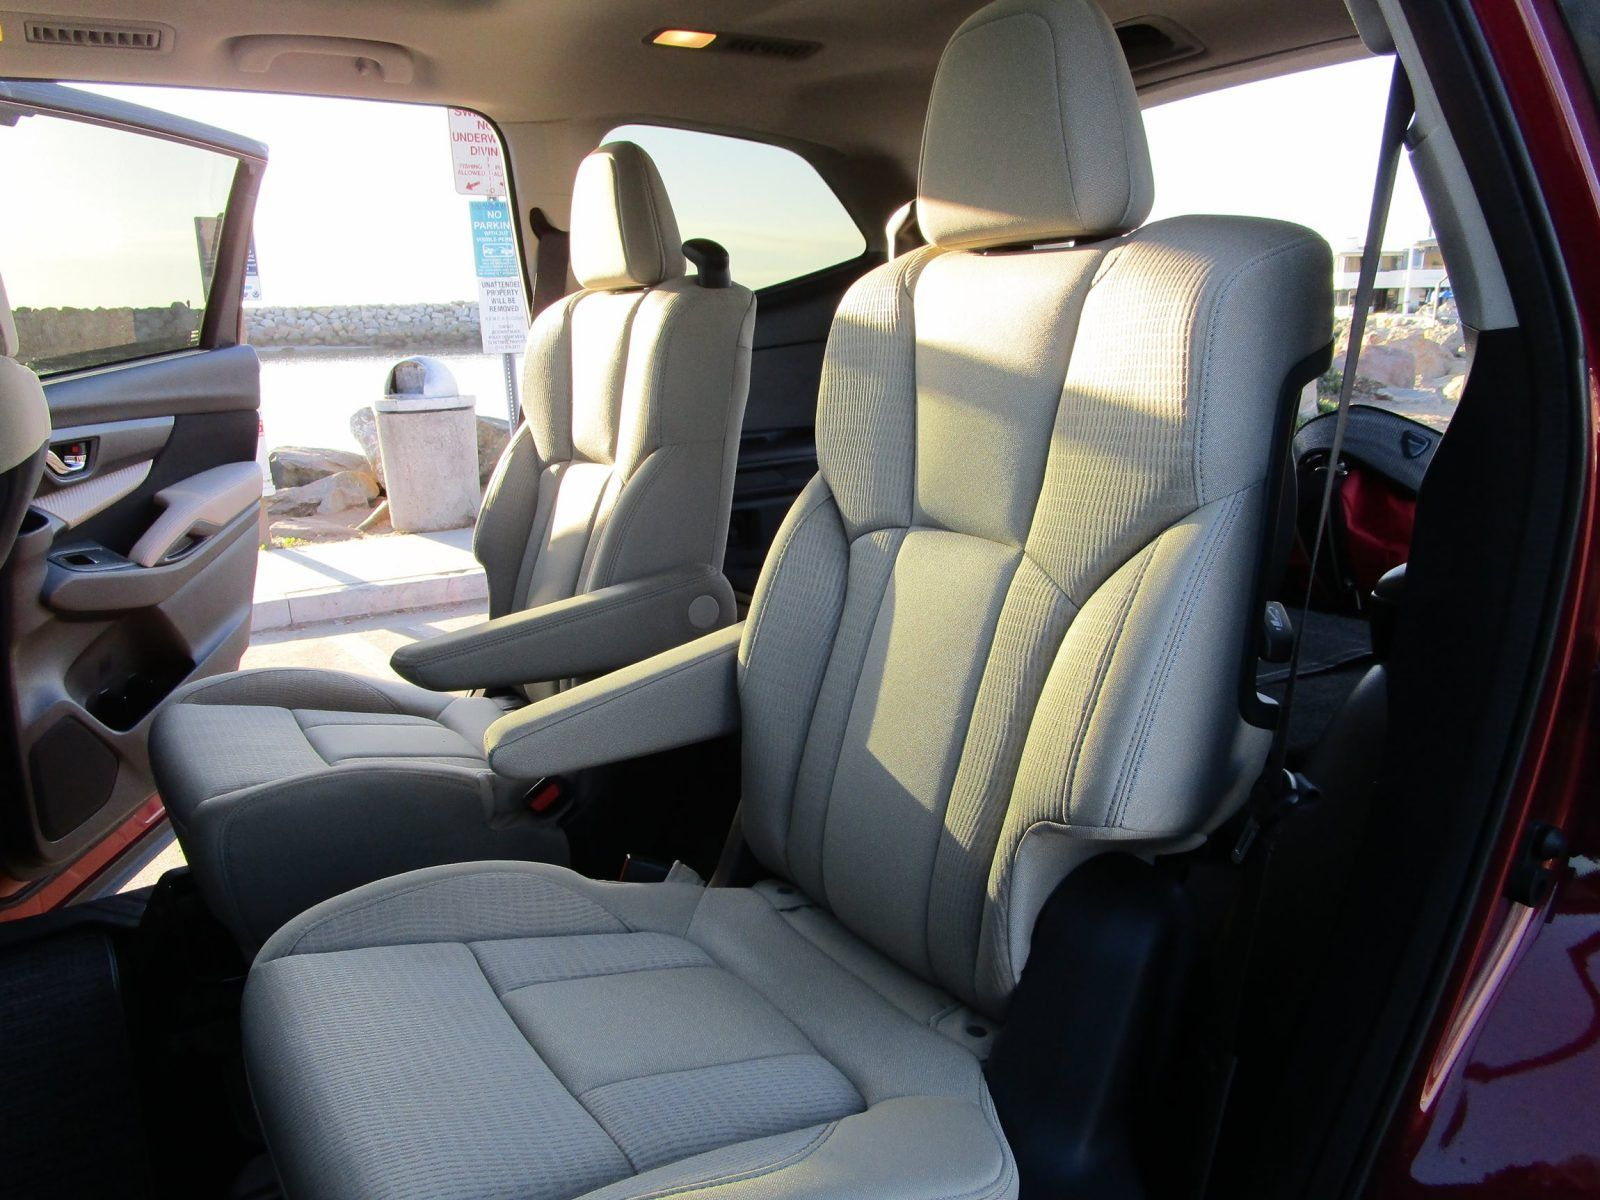 Img 6479 Hot Cars Subaru Car Seats